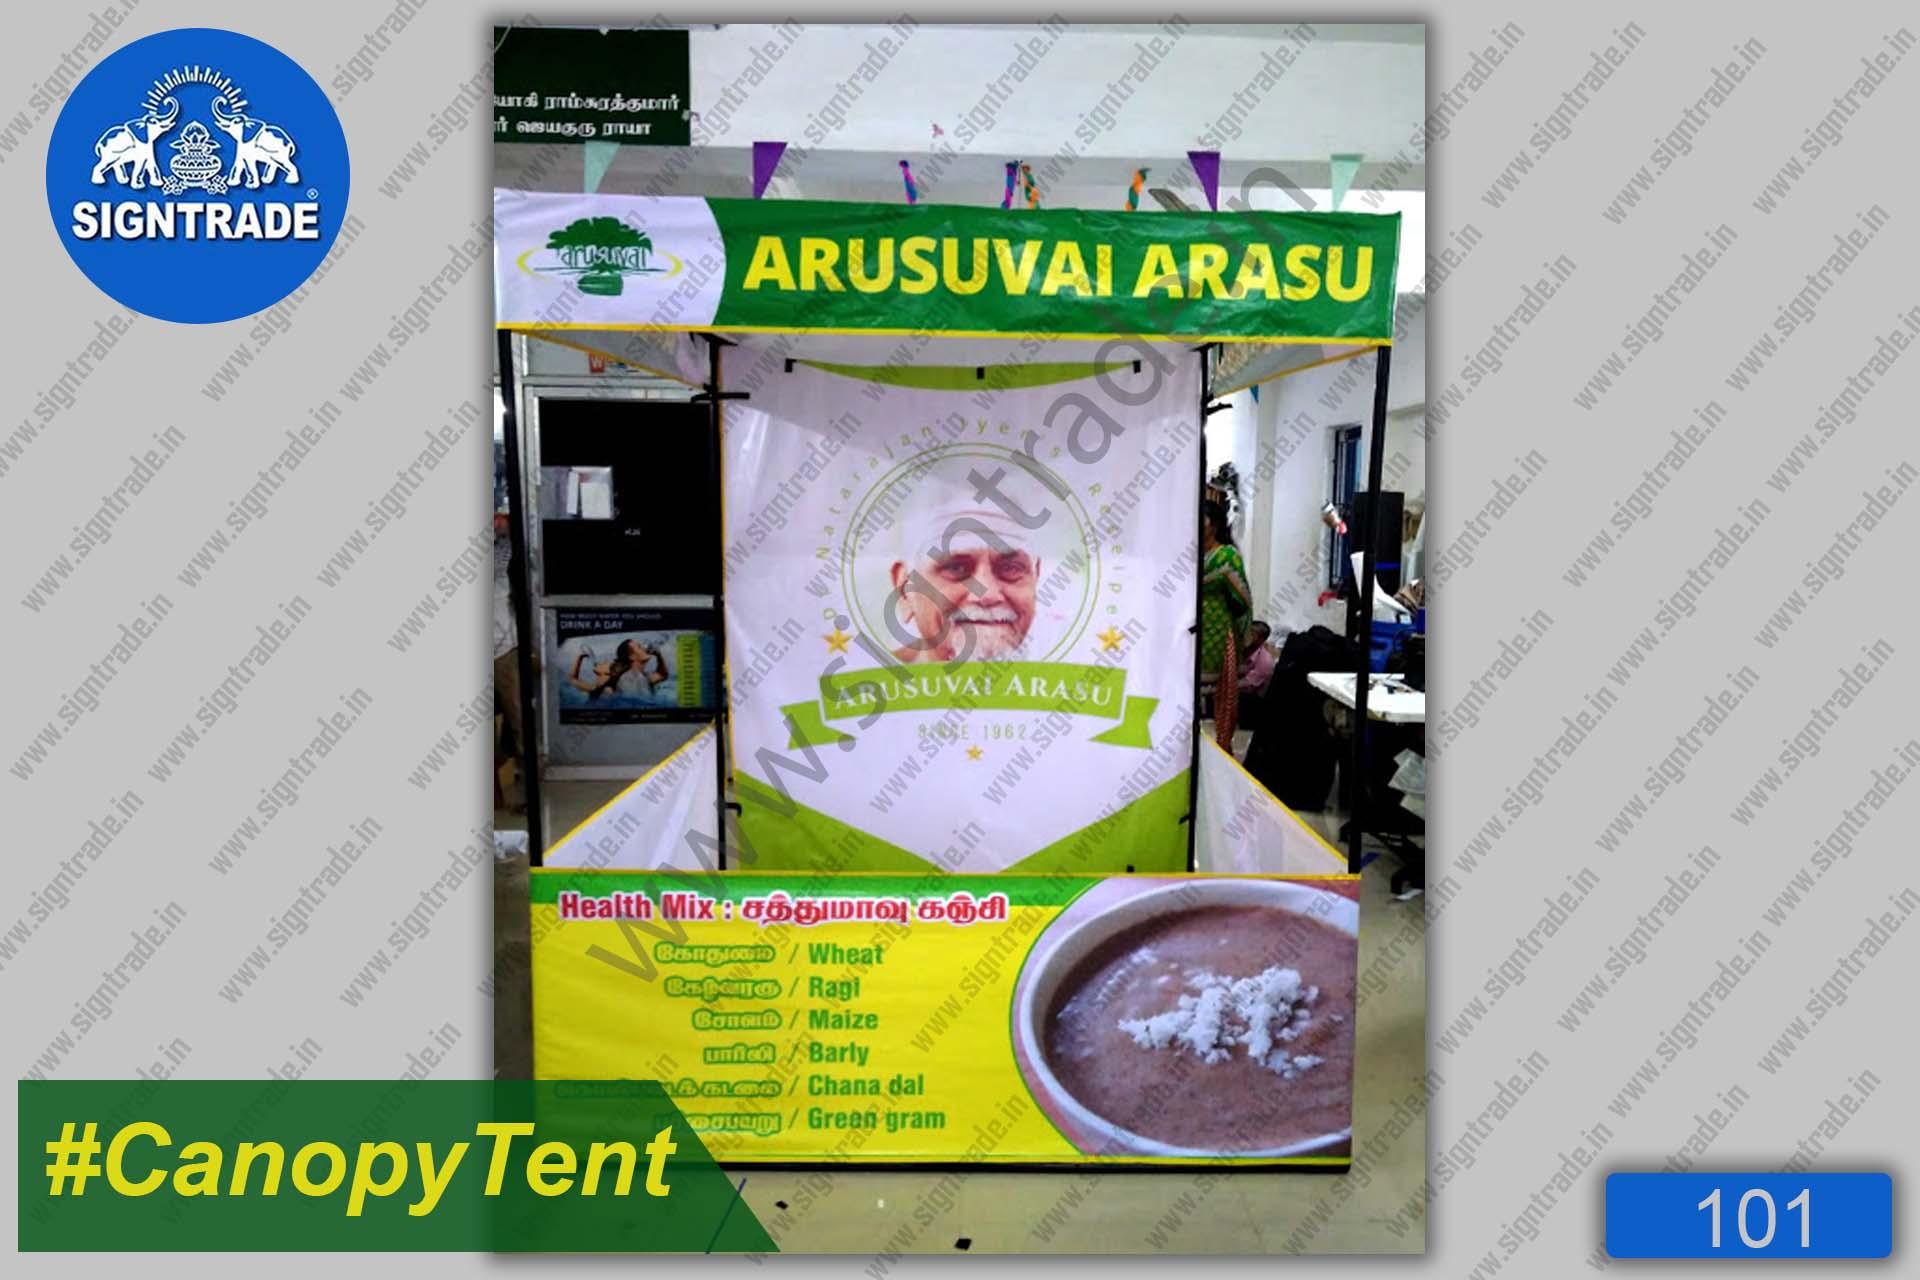 Arusuvai Arasu - Canopy Tent